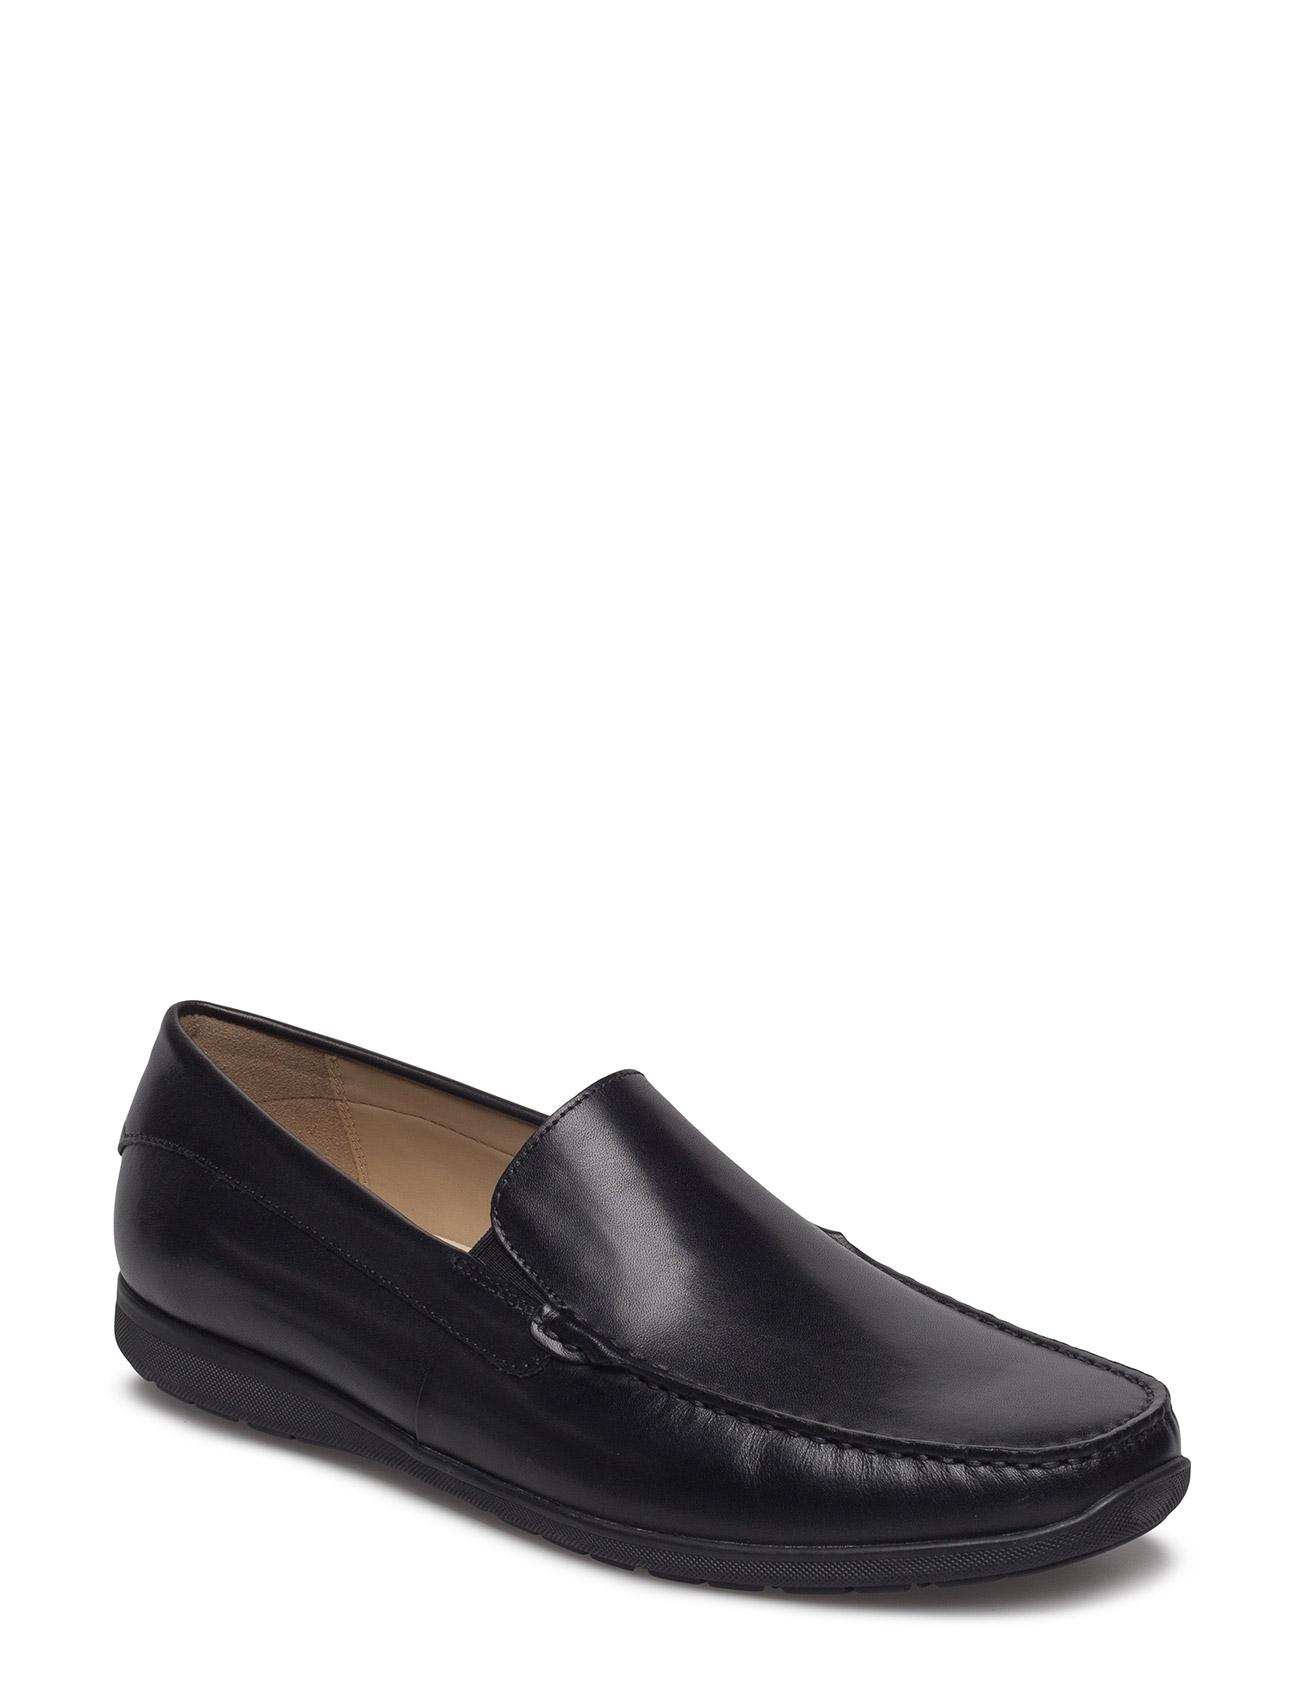 Dallas Moc ECCO Casual sko til Herrer i Sort